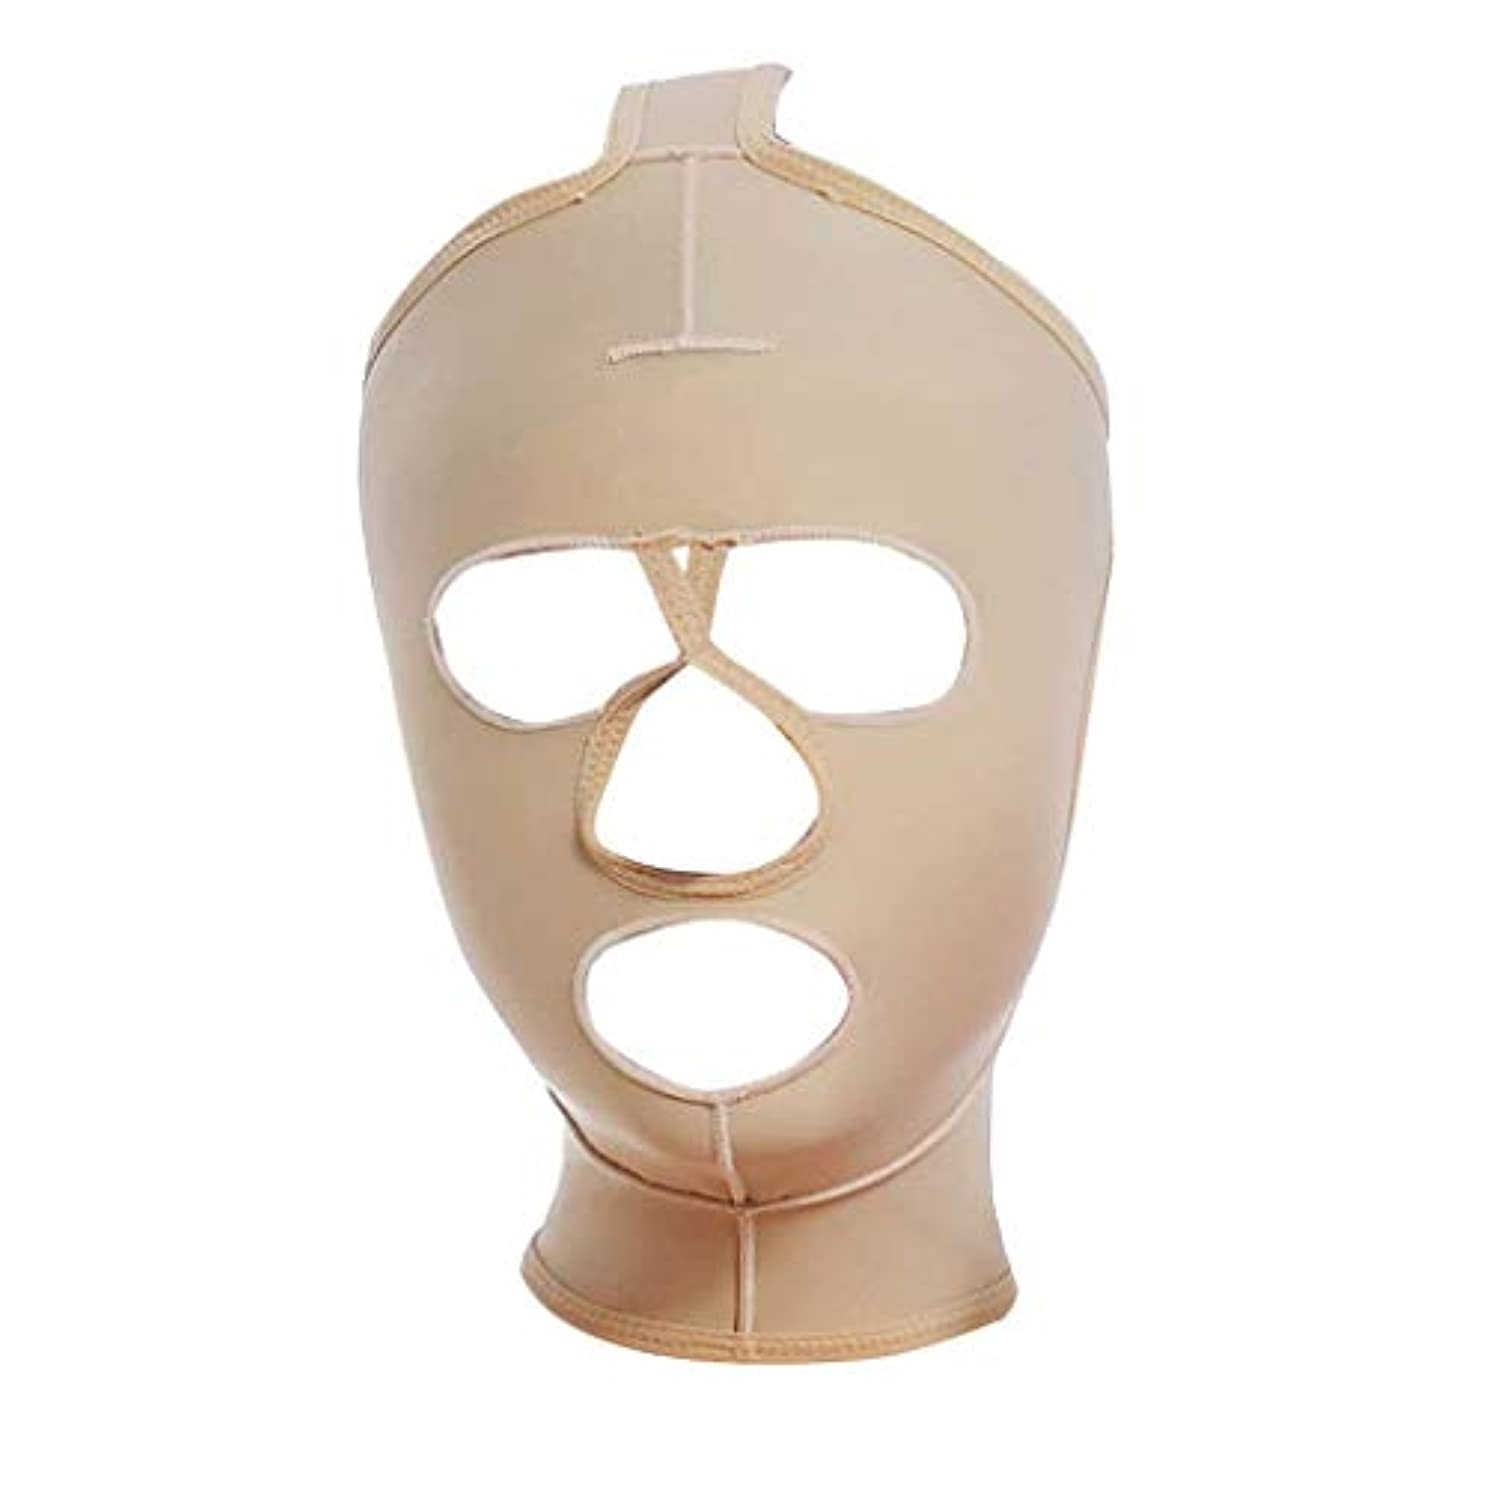 定刻フラグラント城フェイス&ネックリフト、減量フェイスマスク脂肪吸引術脂肪吸引術整形マスクフードフェイスリフティングアーティファクトVフェイスビームフェイス弾性スリーブ(サイズ:XXL),L